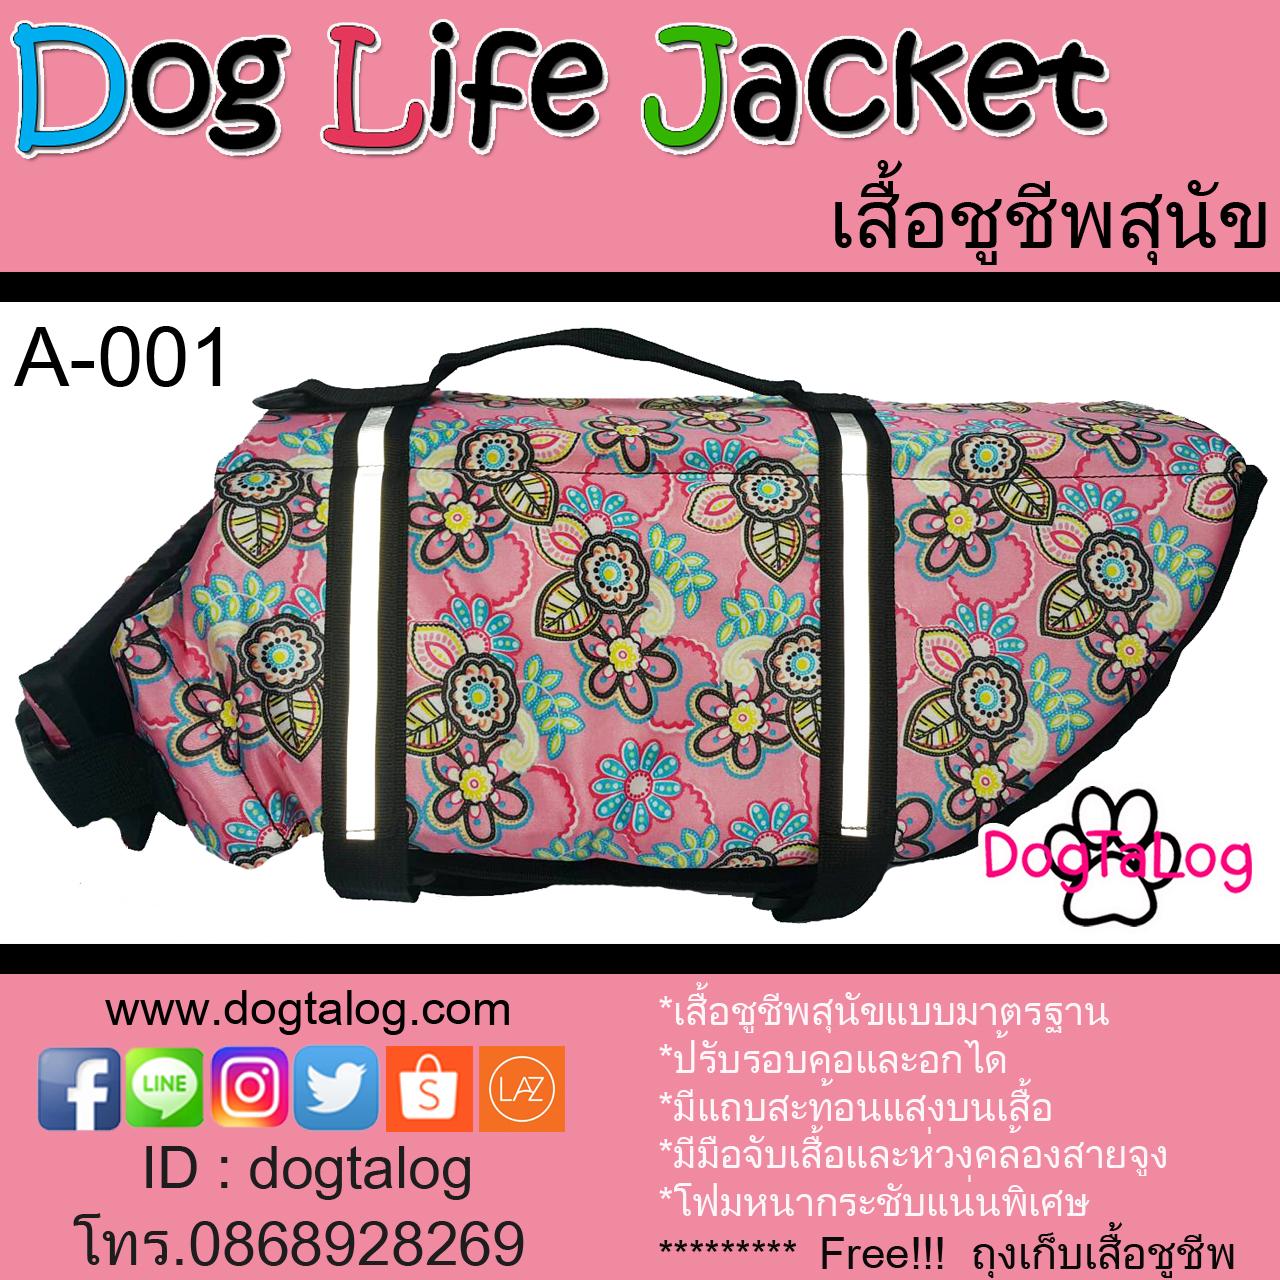 เสื้อชูชีพสุนัข Dogtalog เบอร์ XL